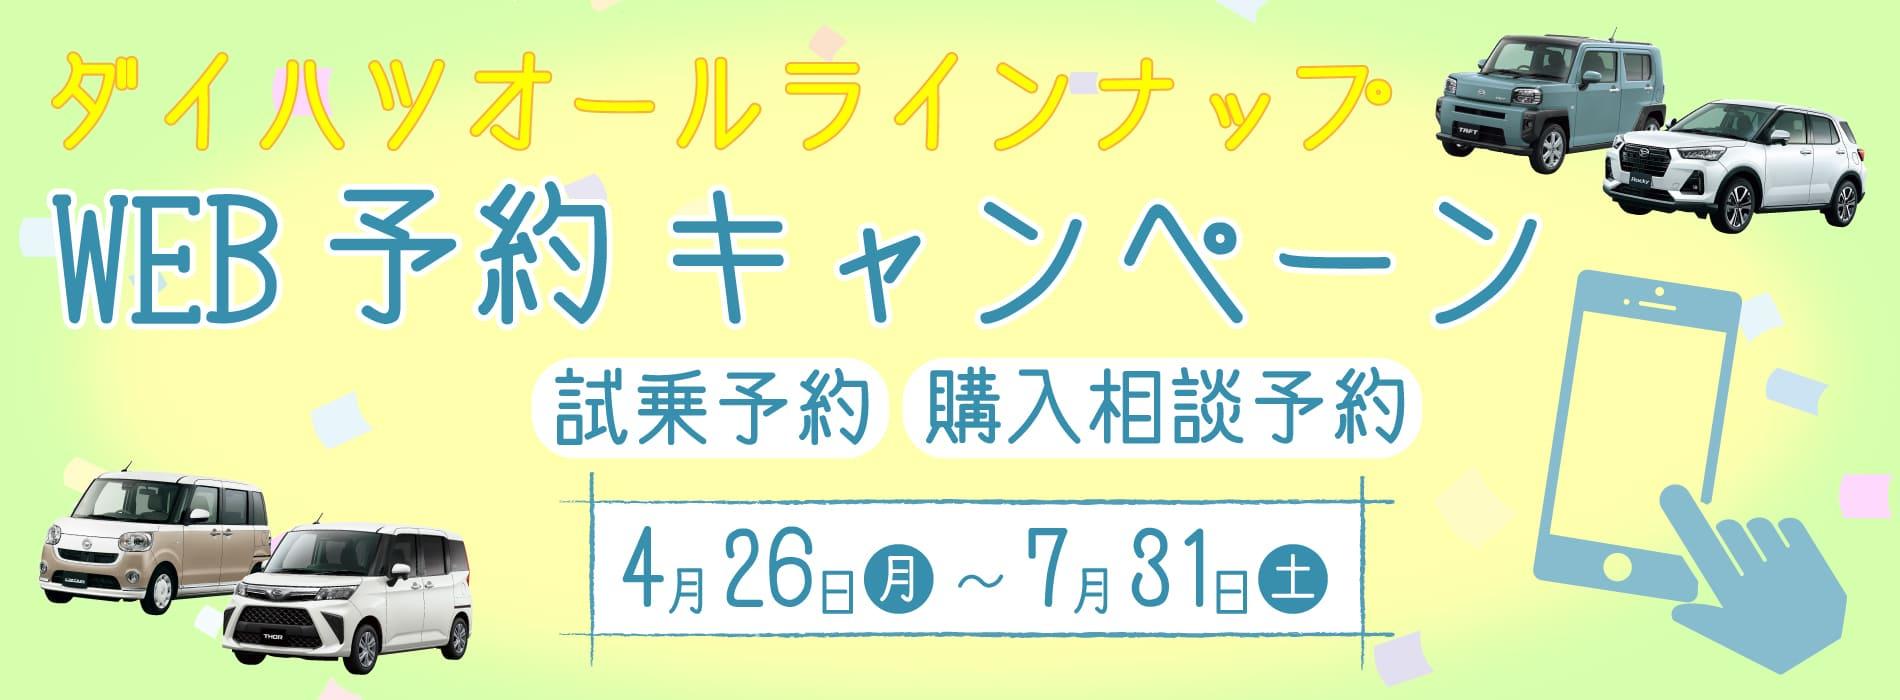 ダイハツWEB予約キャンペーン